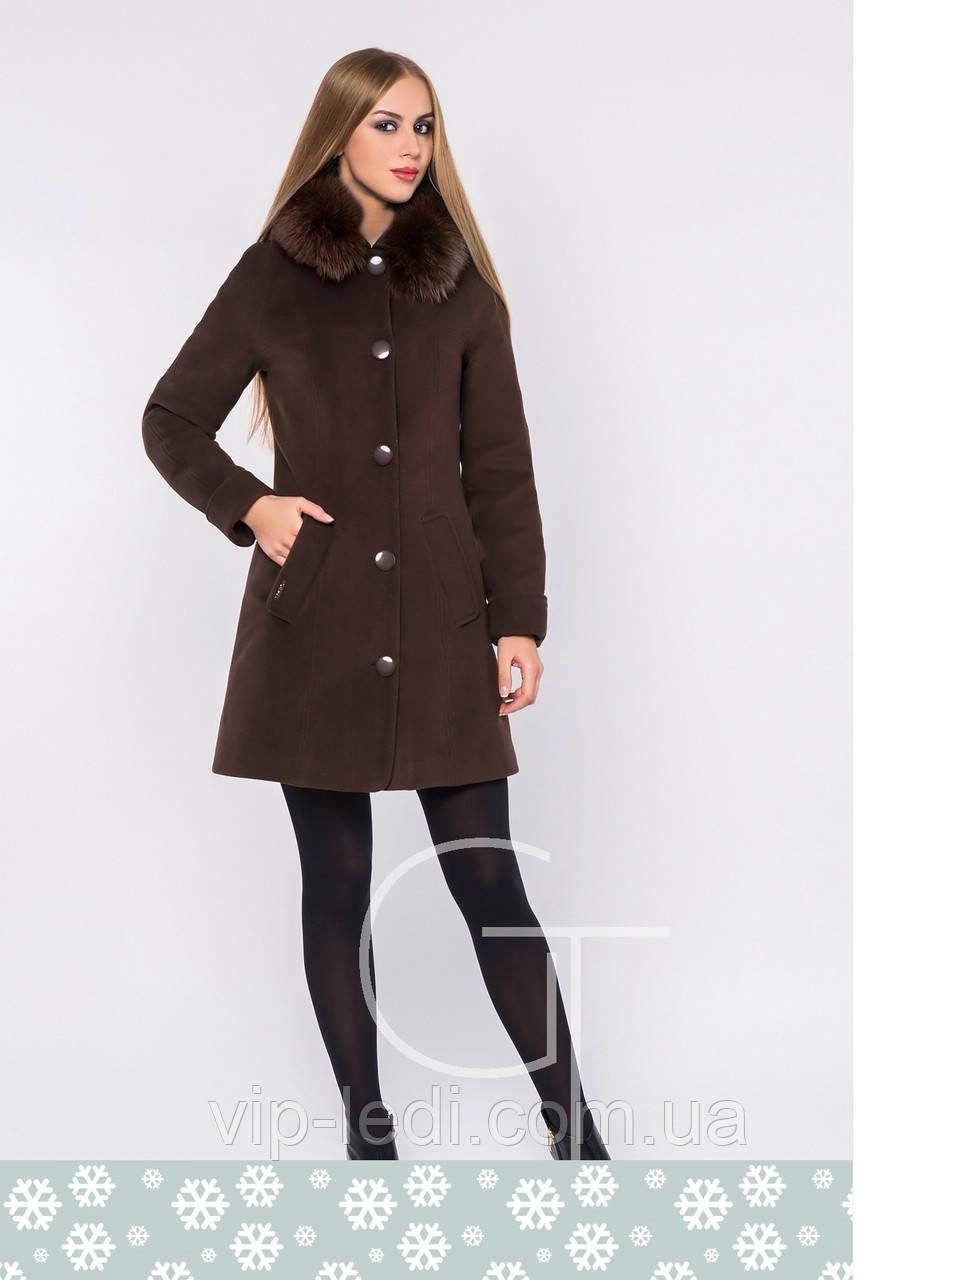 f80d74b3b4c Зимнее пальто женское X-Woyz LS-8593 самая низкая цена в Украине ...